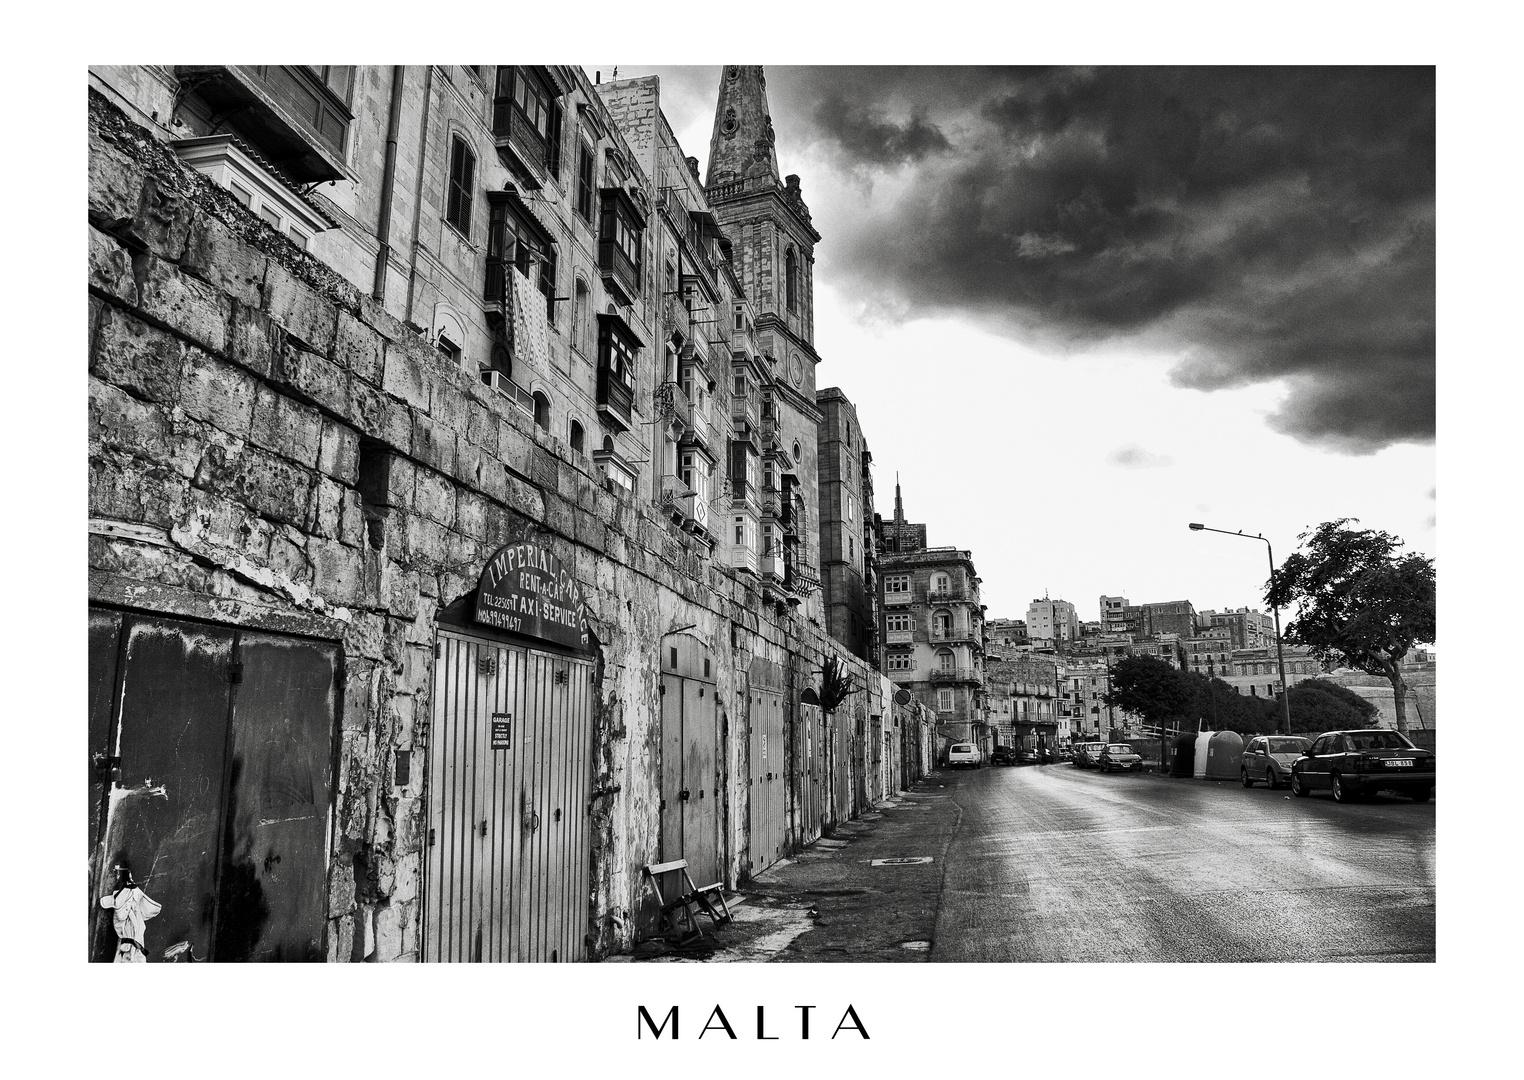 Malta - Wohnhäuser an der Küste